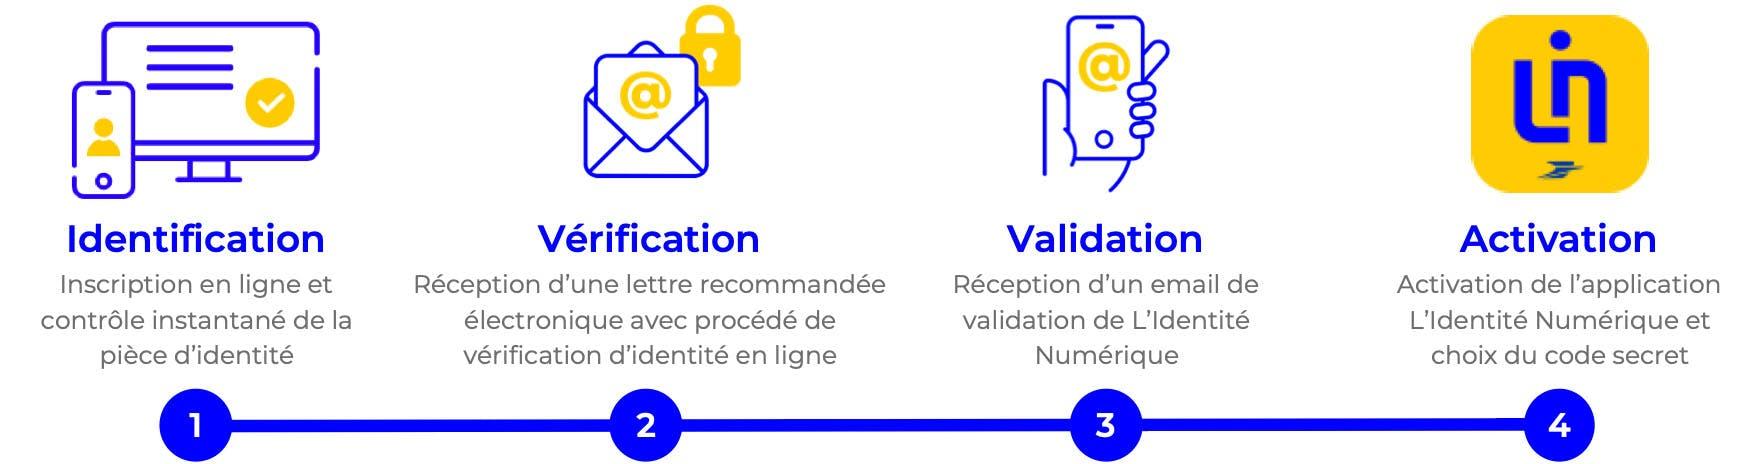 L'Identité Numérique La Poste, la 1ère identité 100% digitale à domicile